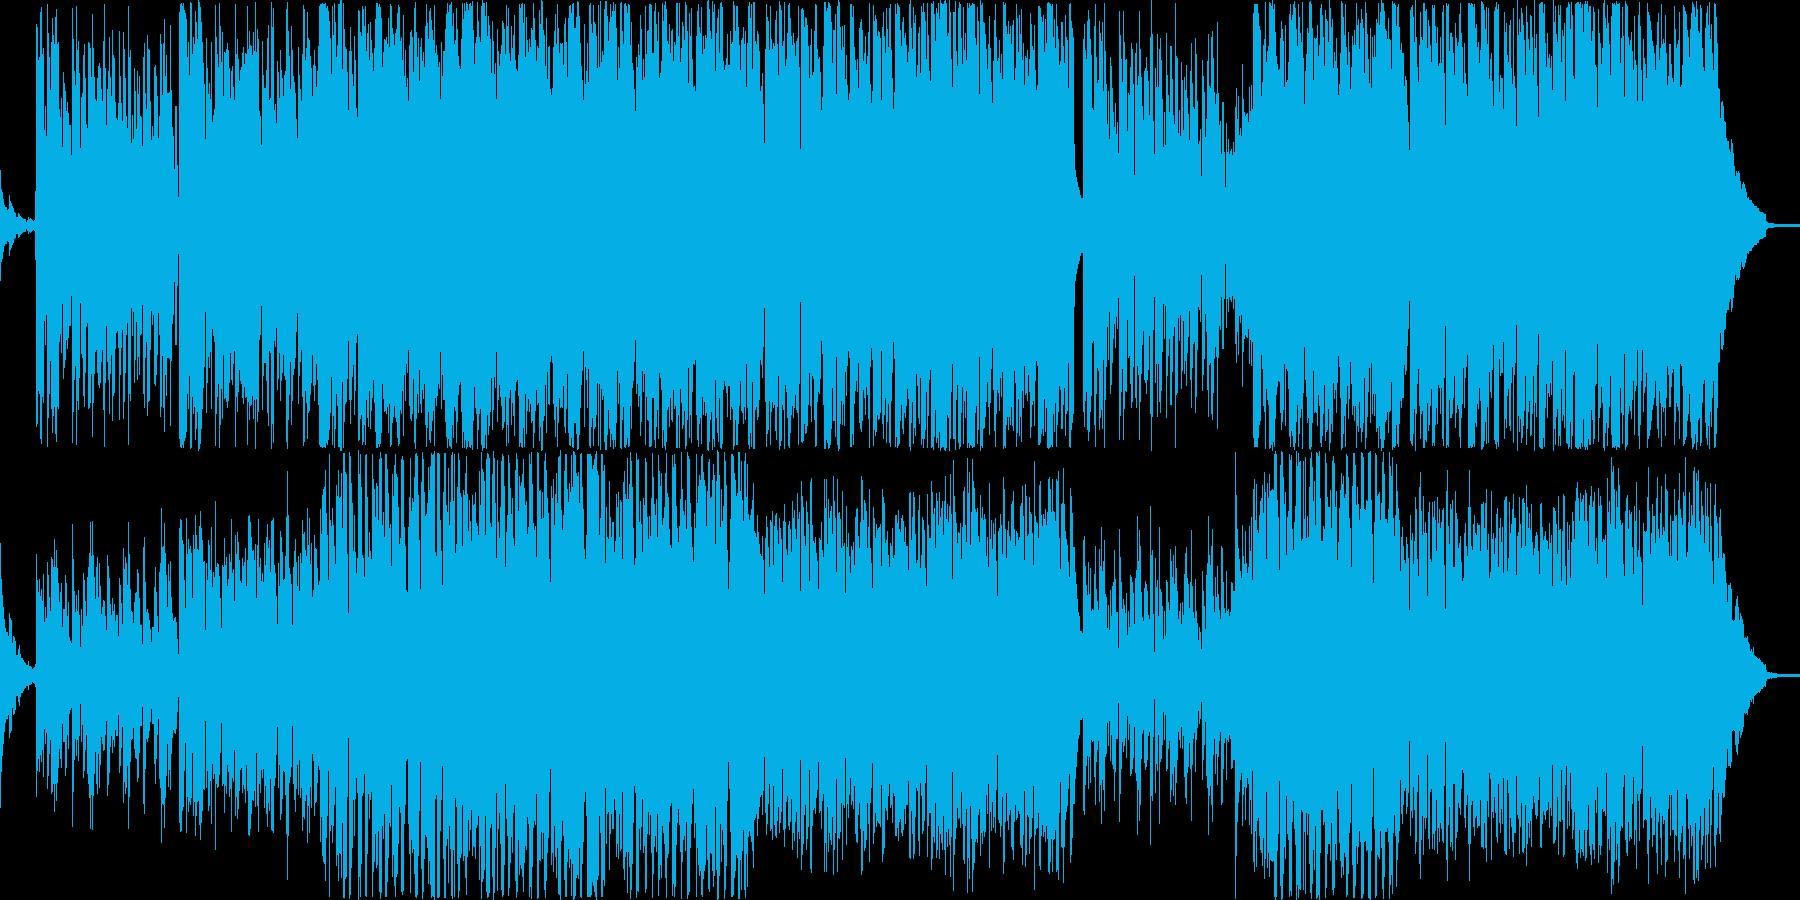 バンドが演奏しているインスト曲の再生済みの波形